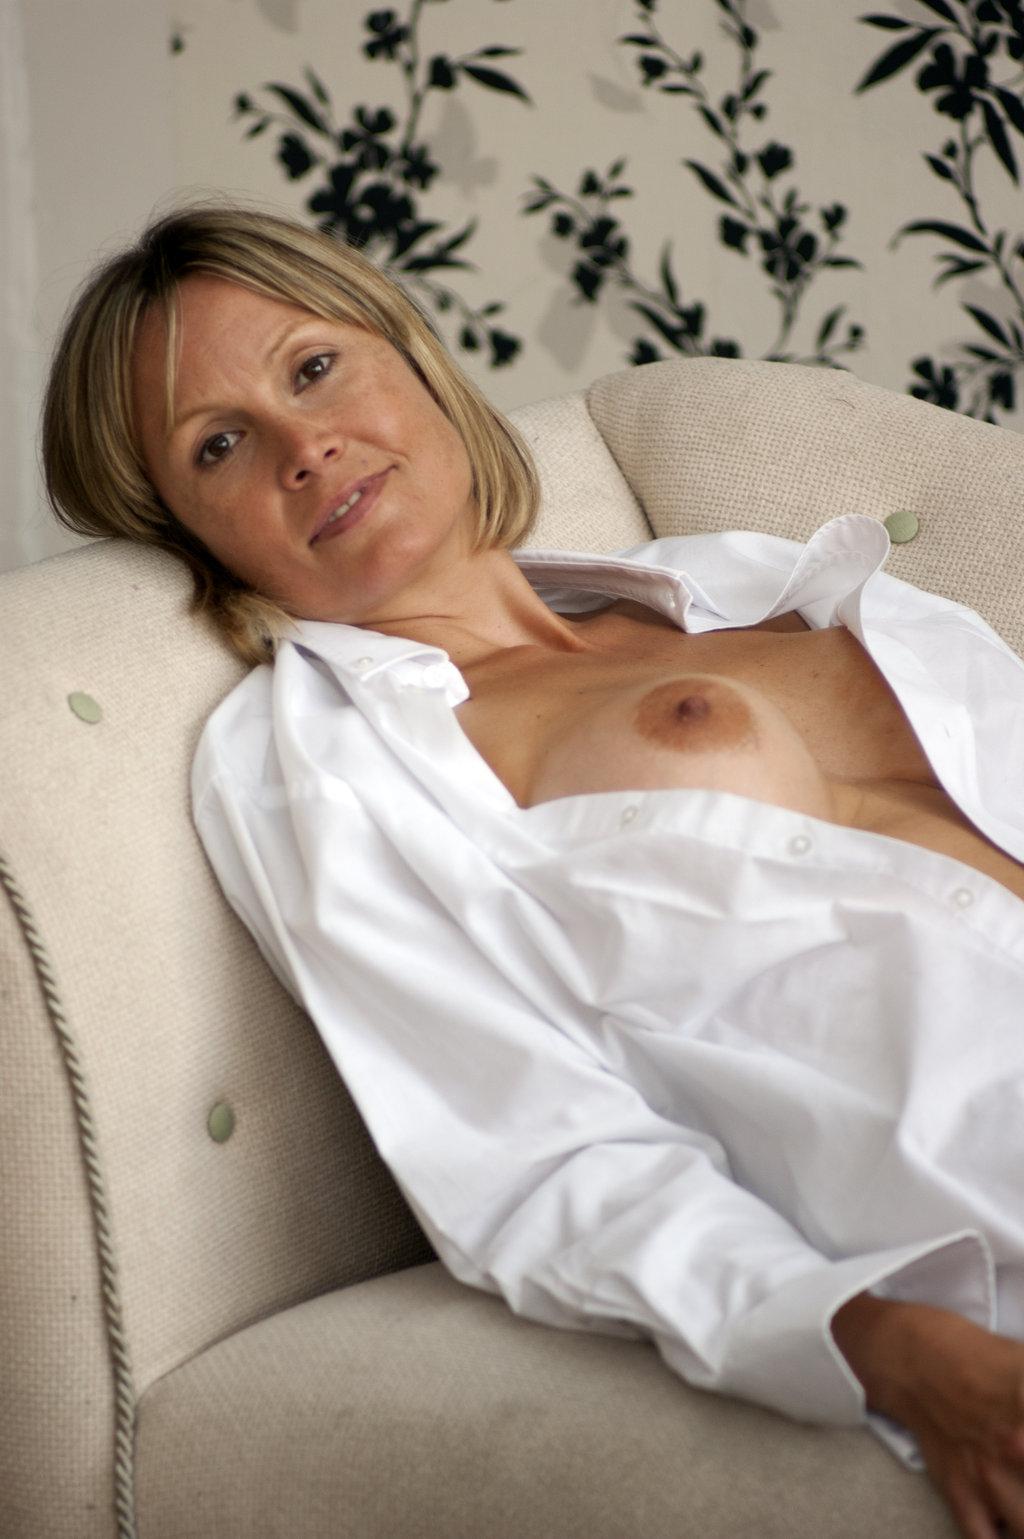 Mature nudes open Shirt